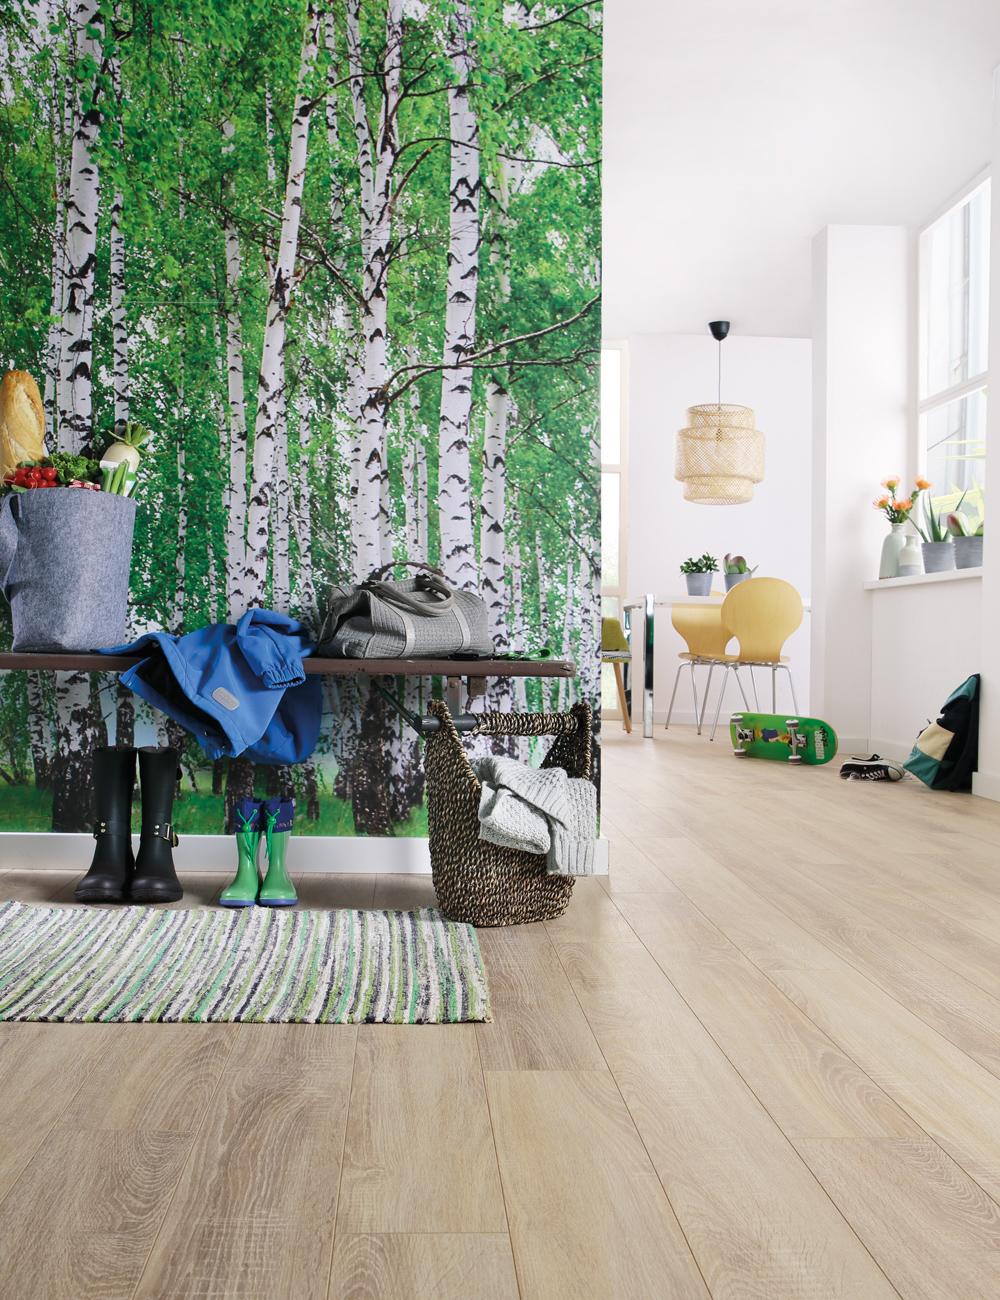 wineo Laminatboden Holzoptik hellbraun im Eingangsbereich mit Eichenwald im Hintergrund